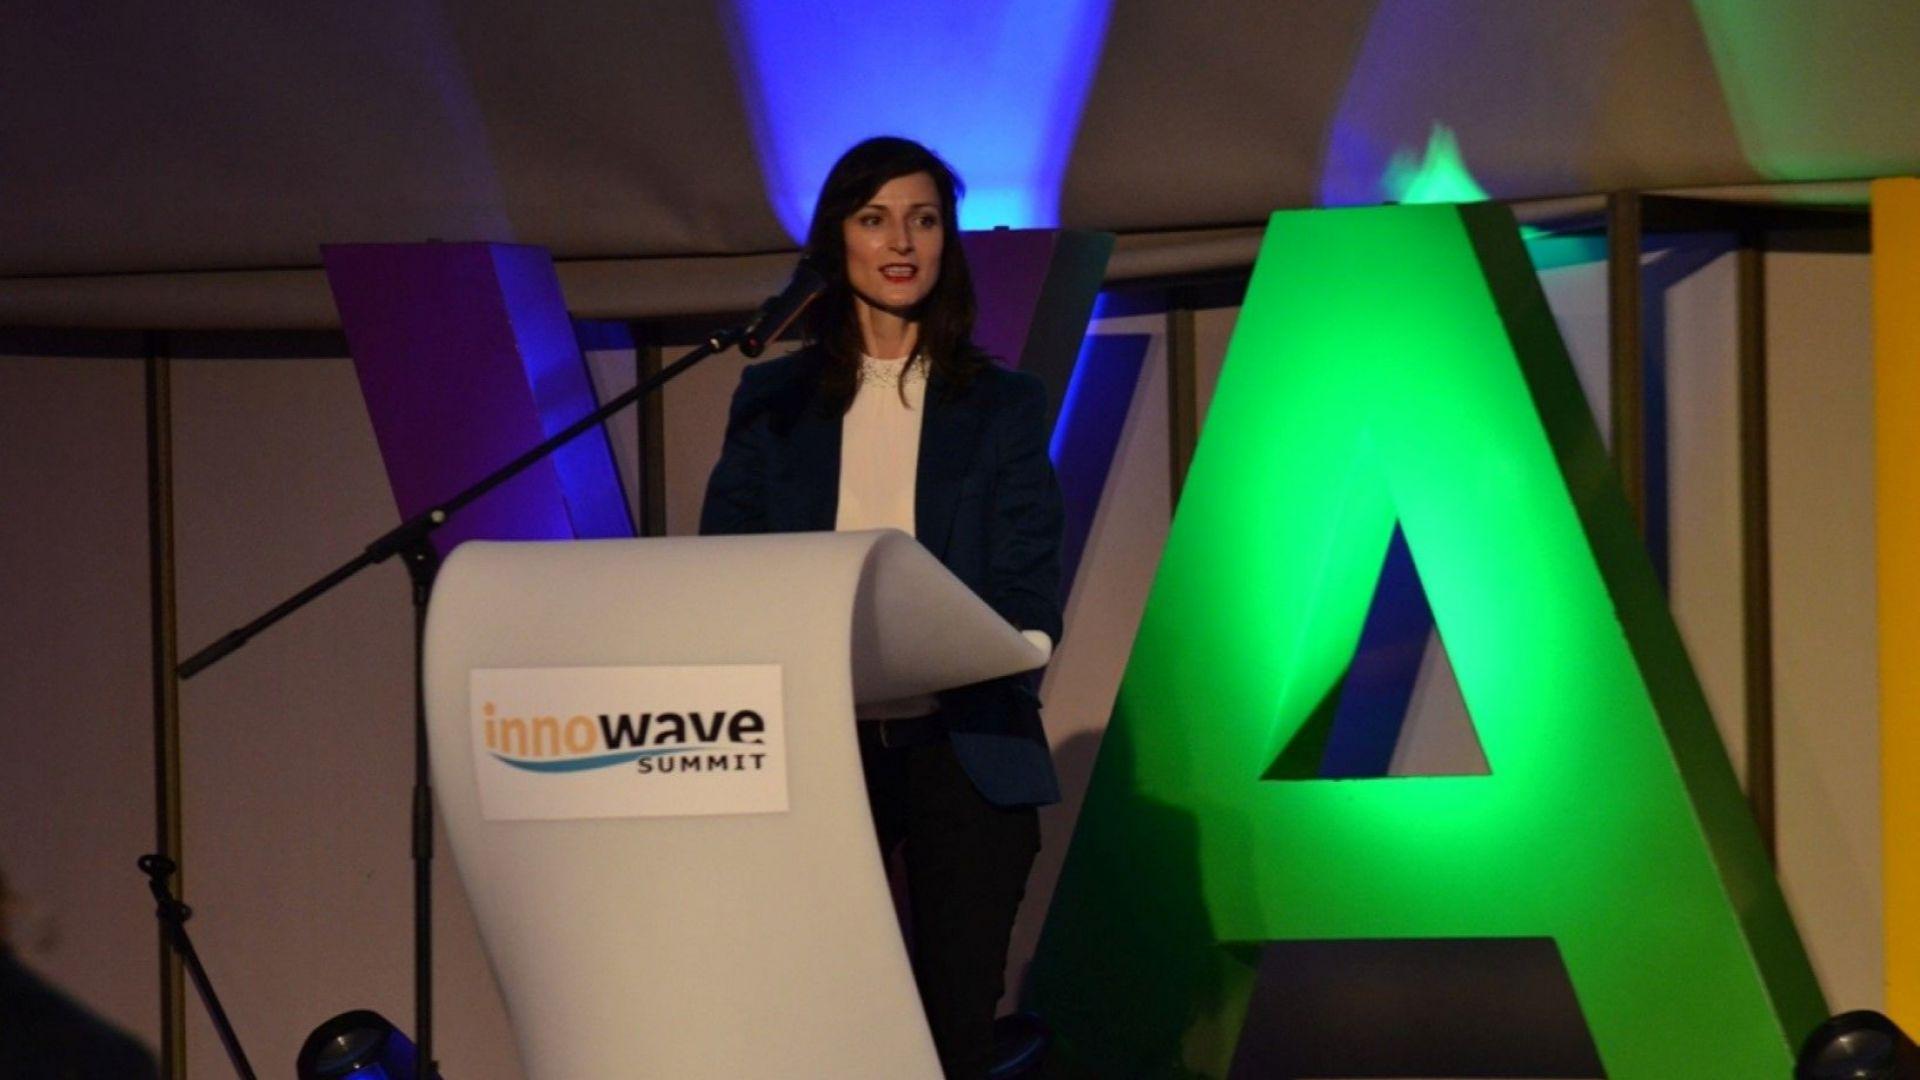 Започна най-мащабната високотехнологична конференция InnoWave Summit 2018